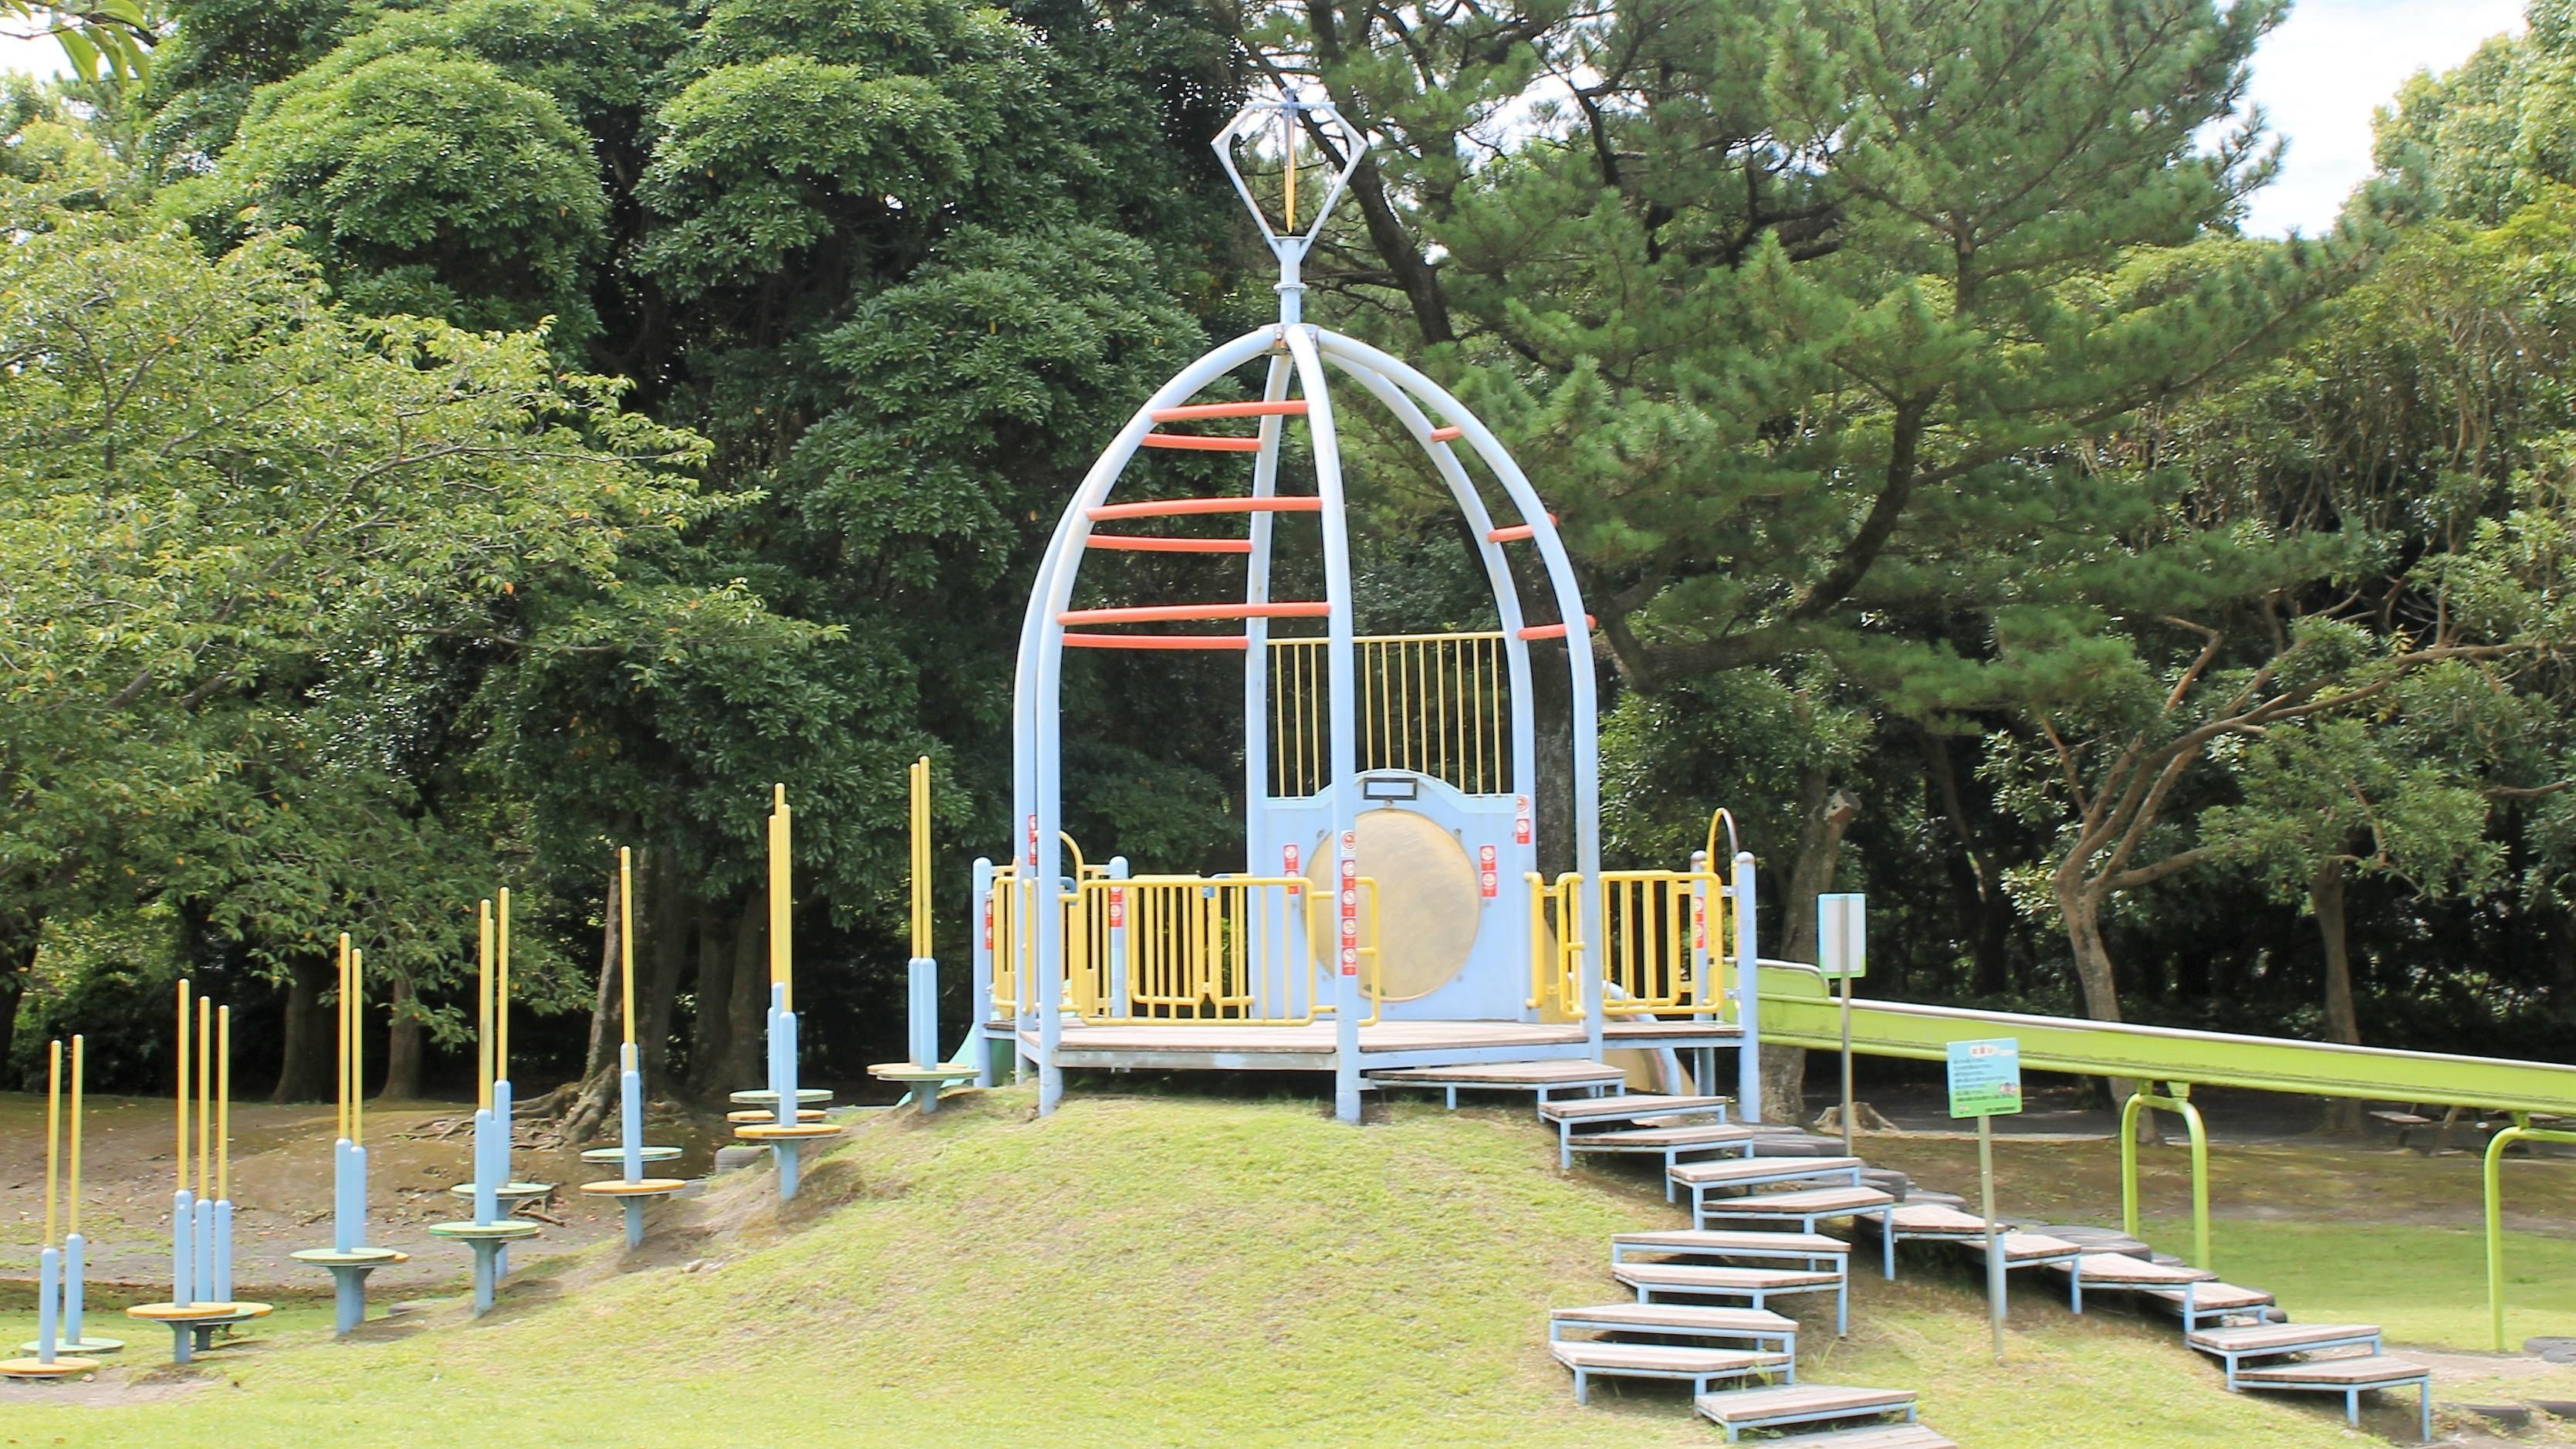 吉野公園の遊具